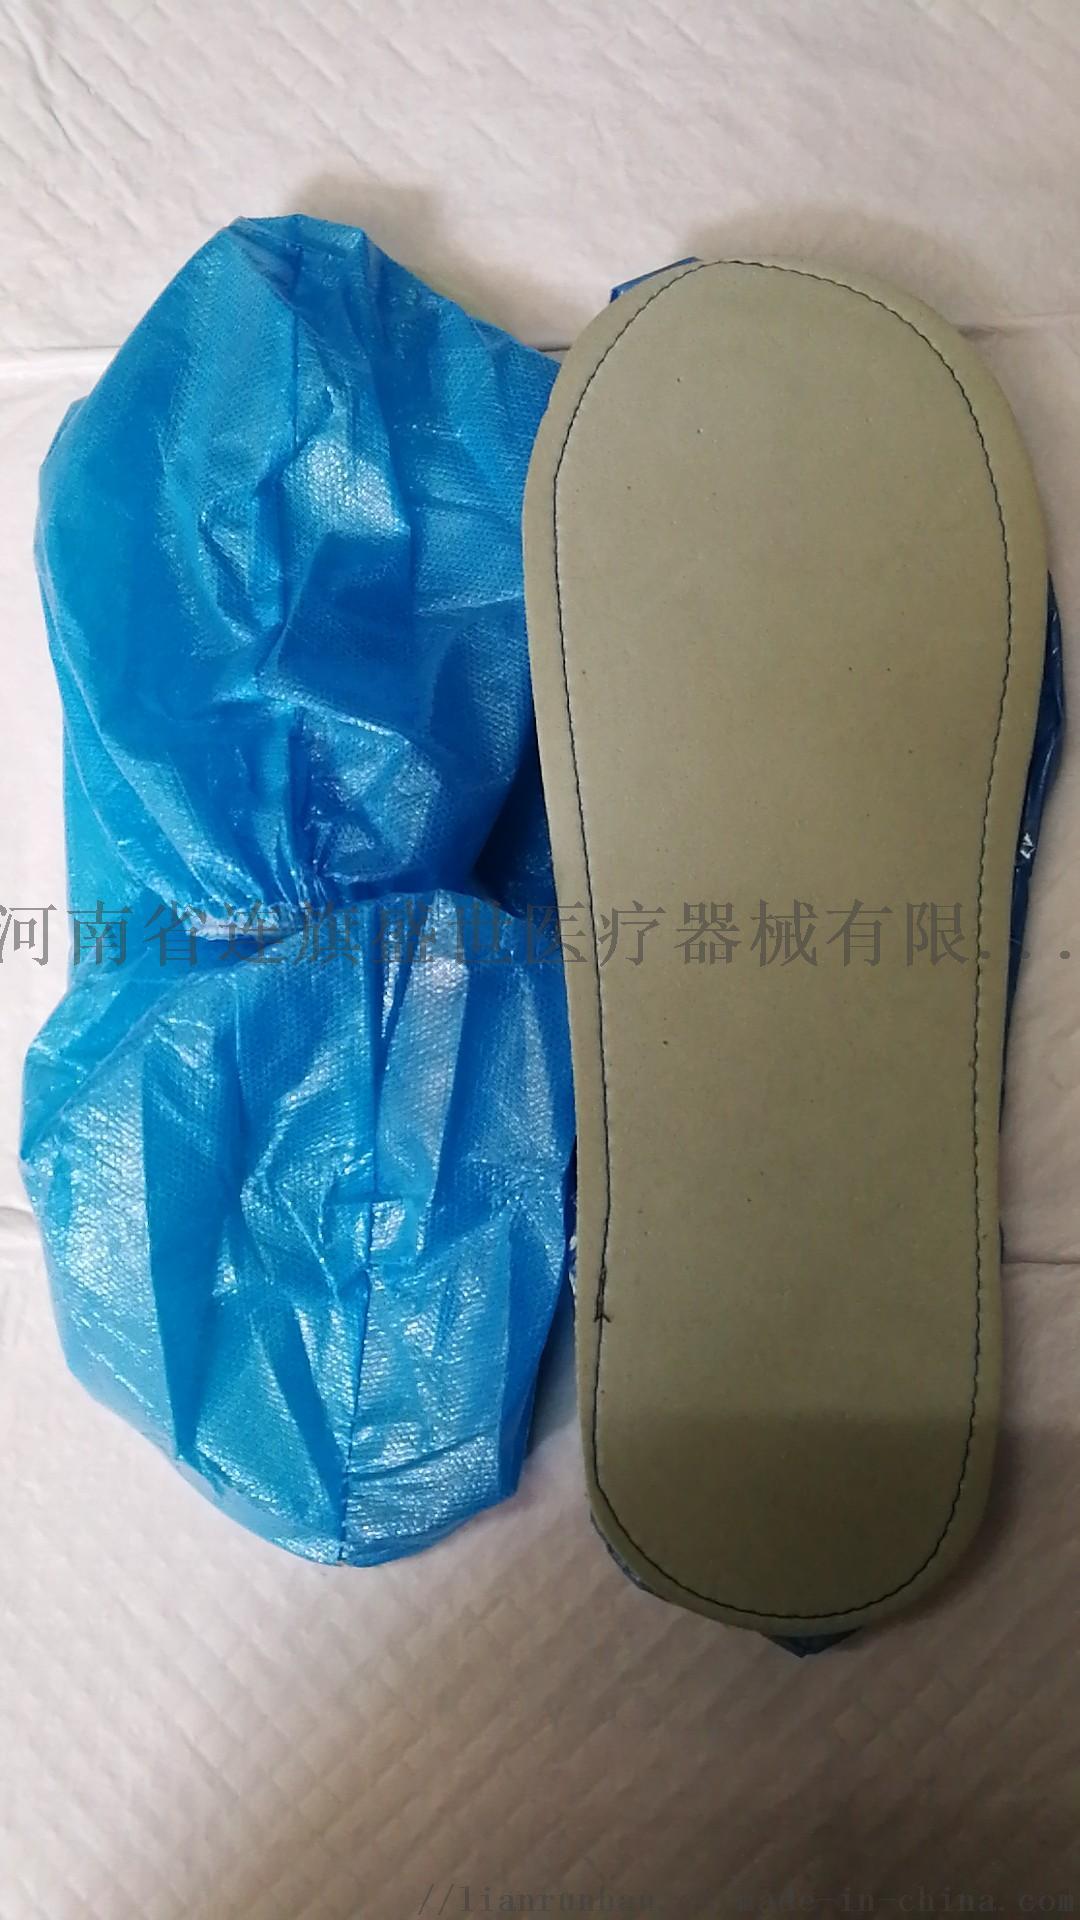 一次性鞋套 无纺布鞋套 防滑鞋套 泡沫底鞋套789876182